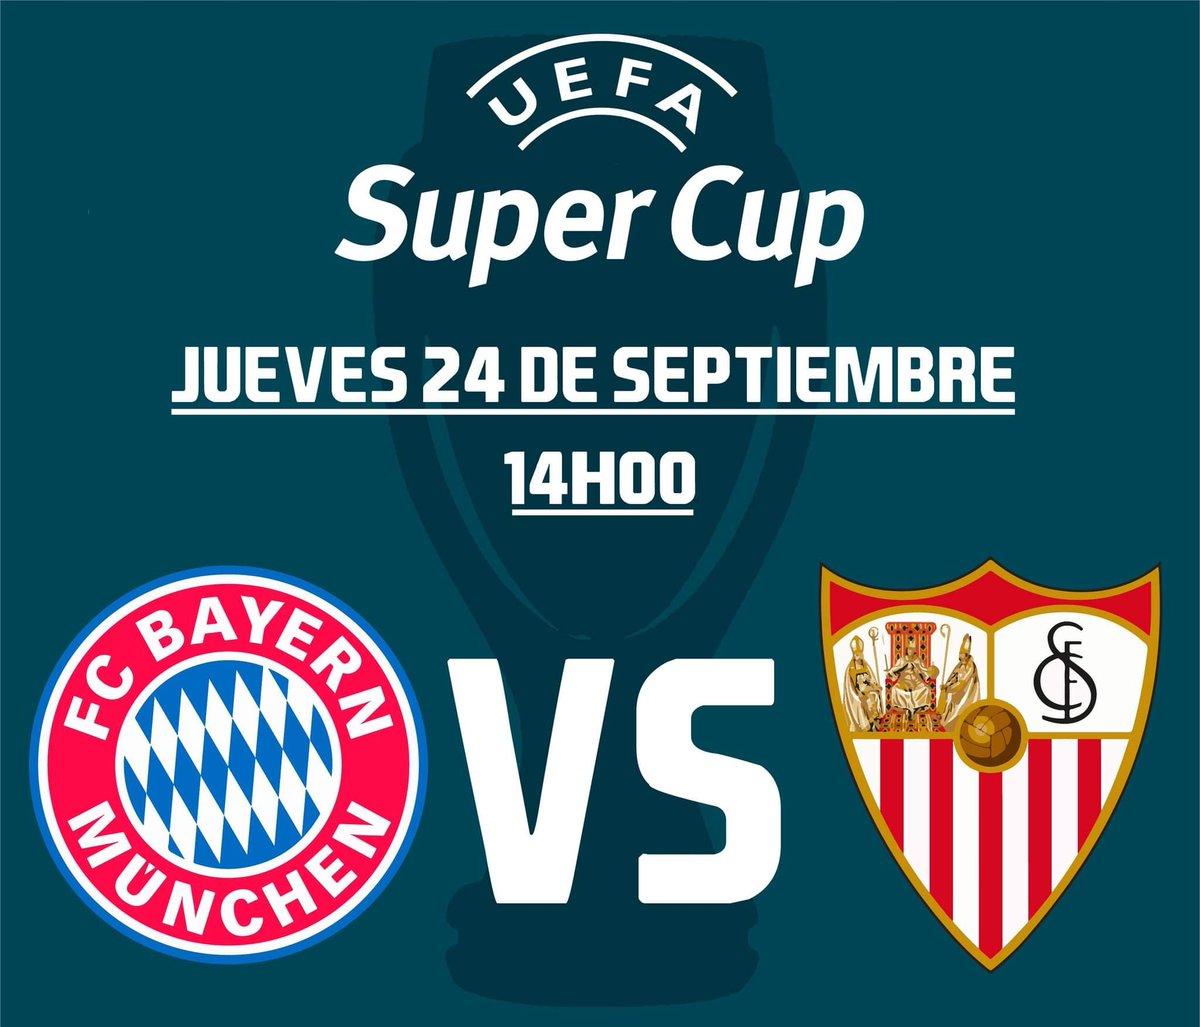 Este jueves se juega la Súper Copa de la #UEFA entre el Bayern Múnich y el Sevilla a las 14:00. El cuadro alemán va por su segunda Súper Copa al igual que el español, pues ambos solo pudieron ganarlo en una ocasión. #Sevilla #BayernMúnich https://t.co/KgFABjtjFP